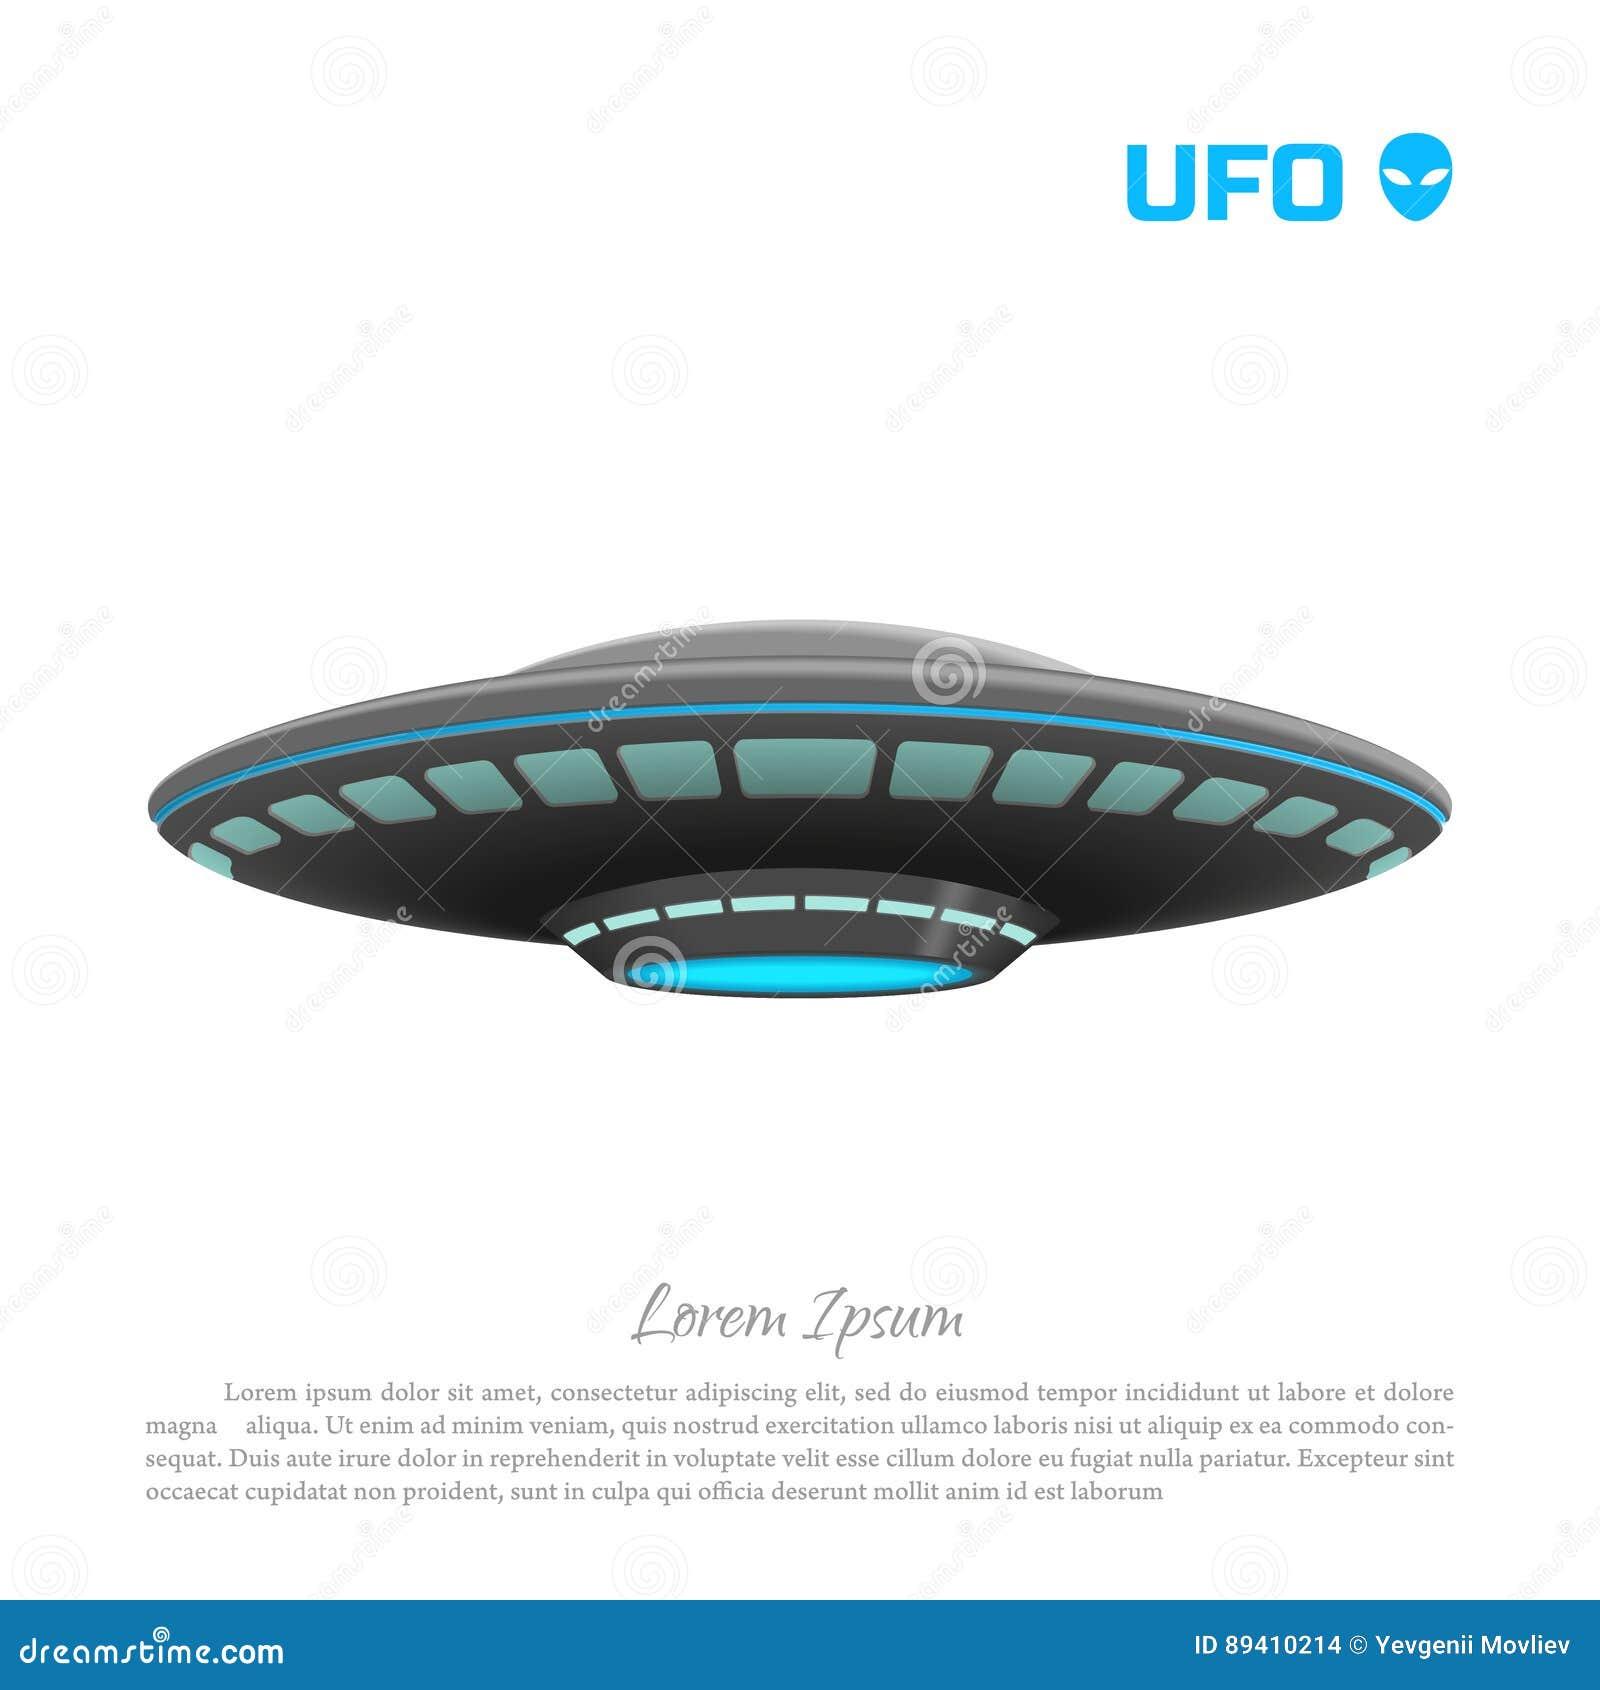 Imagem realística de um UFO em um fundo branco Desenho detalhado de um ofício futurista